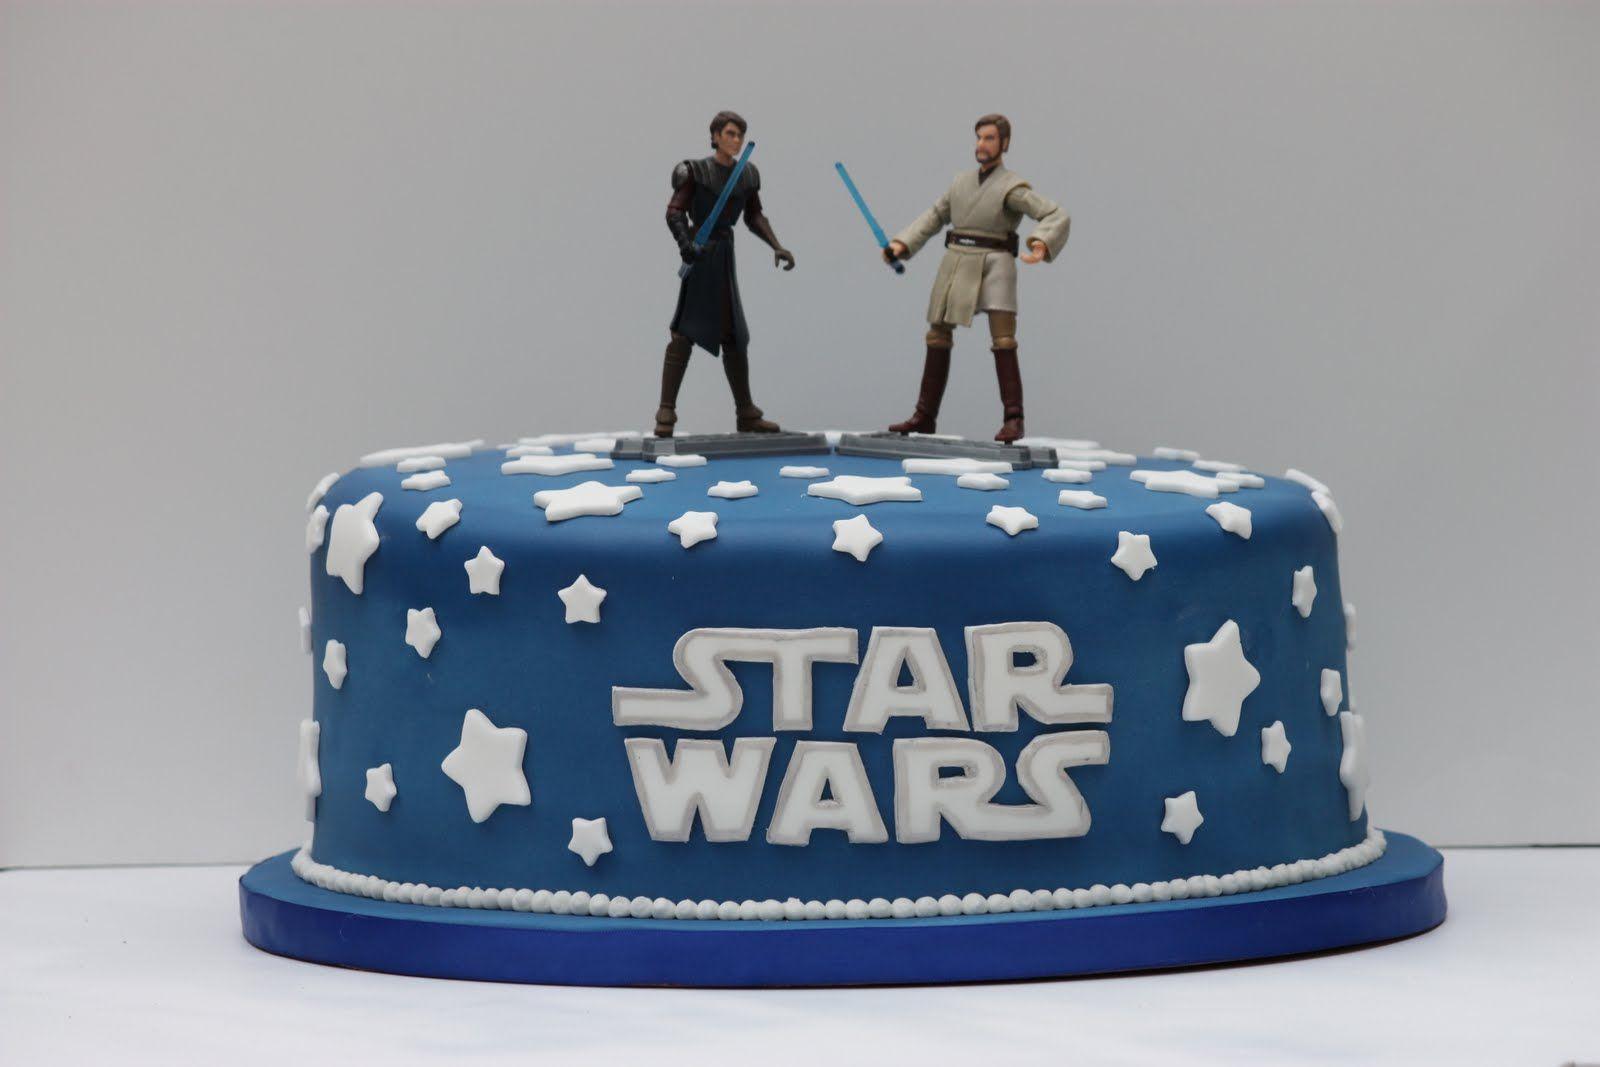 A legjobb tortk filmmnisoknak birthday cakes Pinterest Star